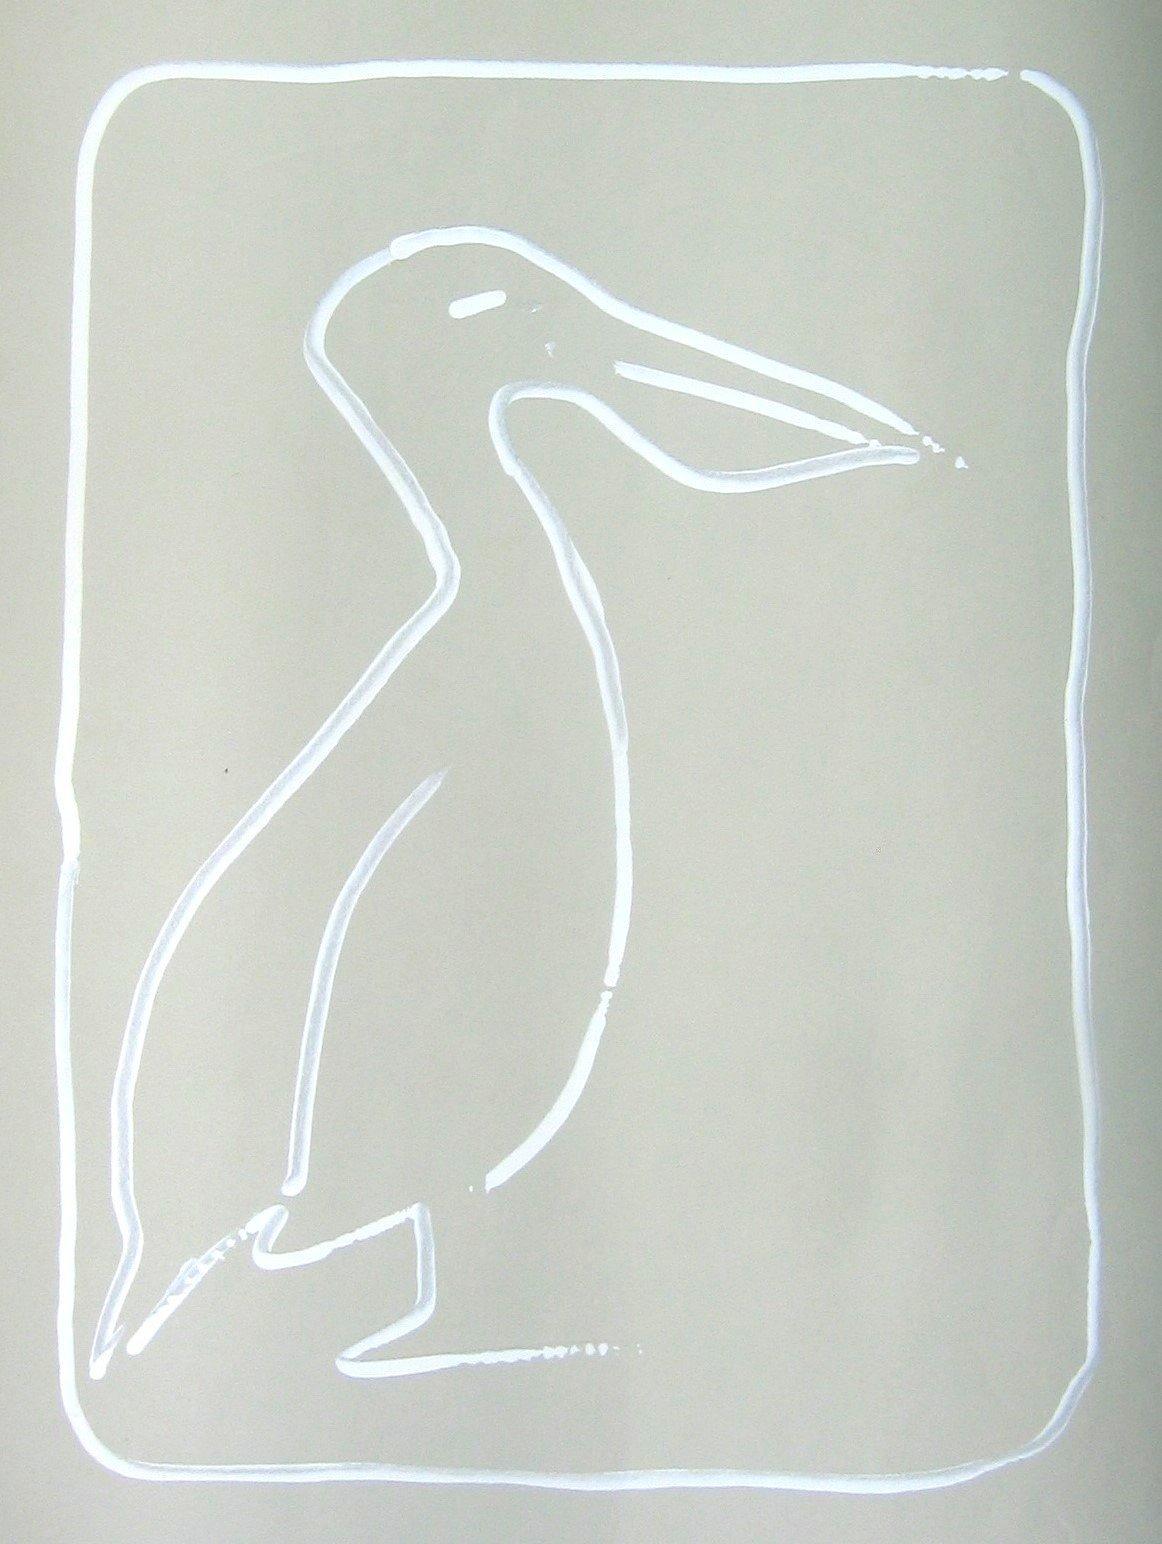 Oiseau Exctinct (1984)